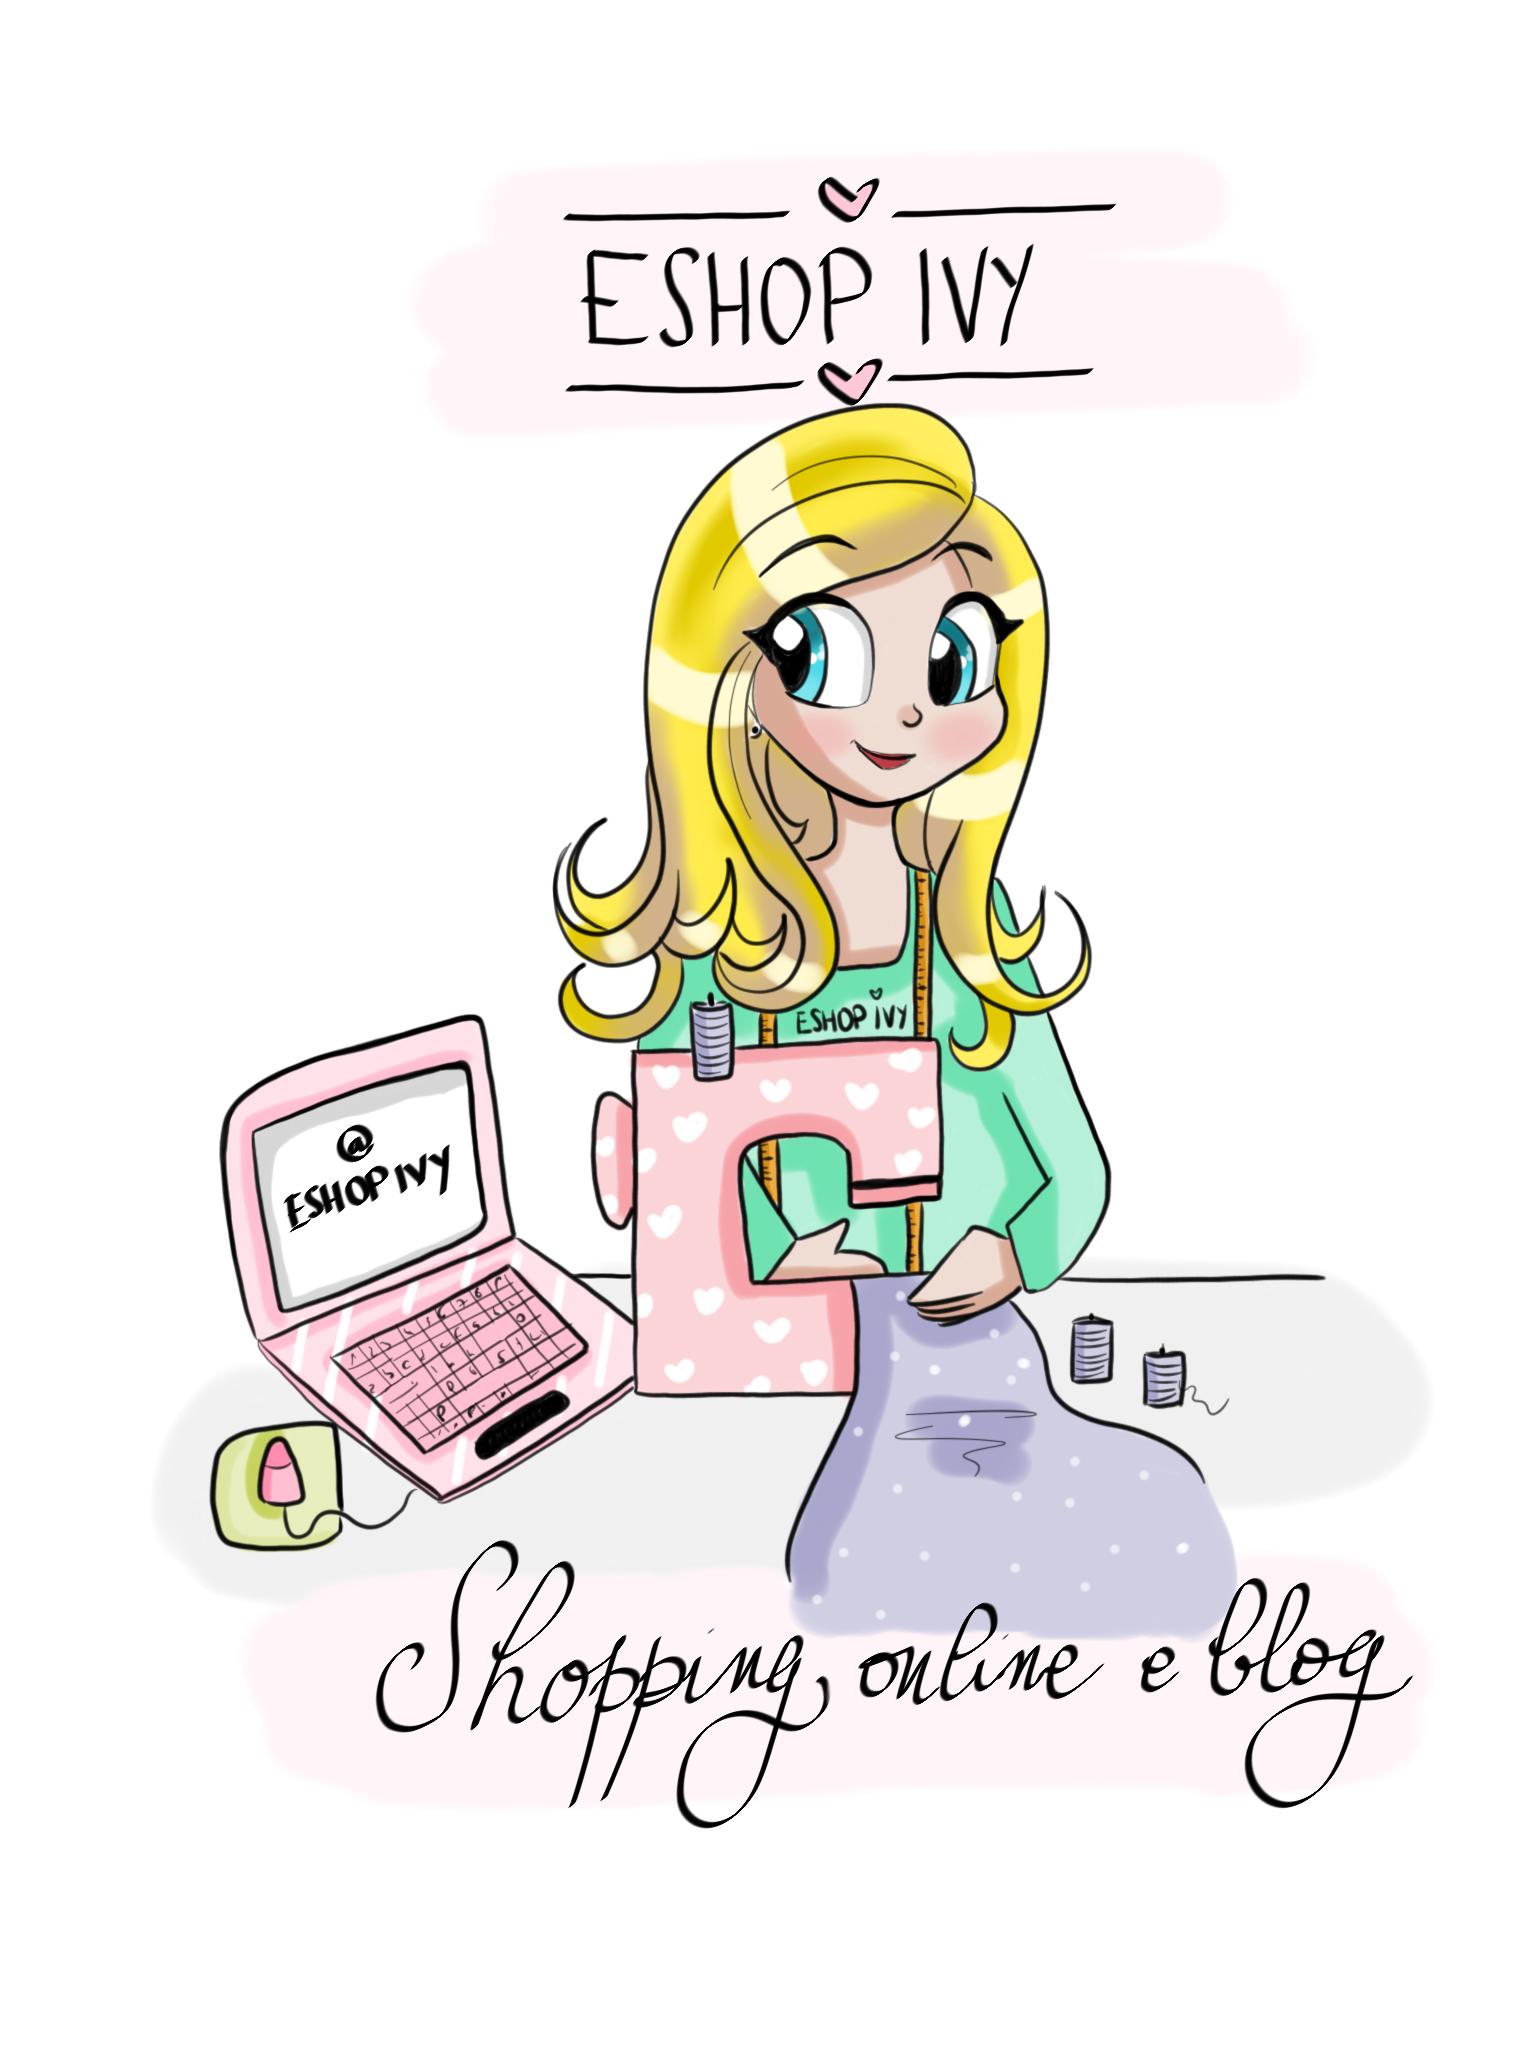 eShop Ivy - Dove i sogni  diventano realtà handmade